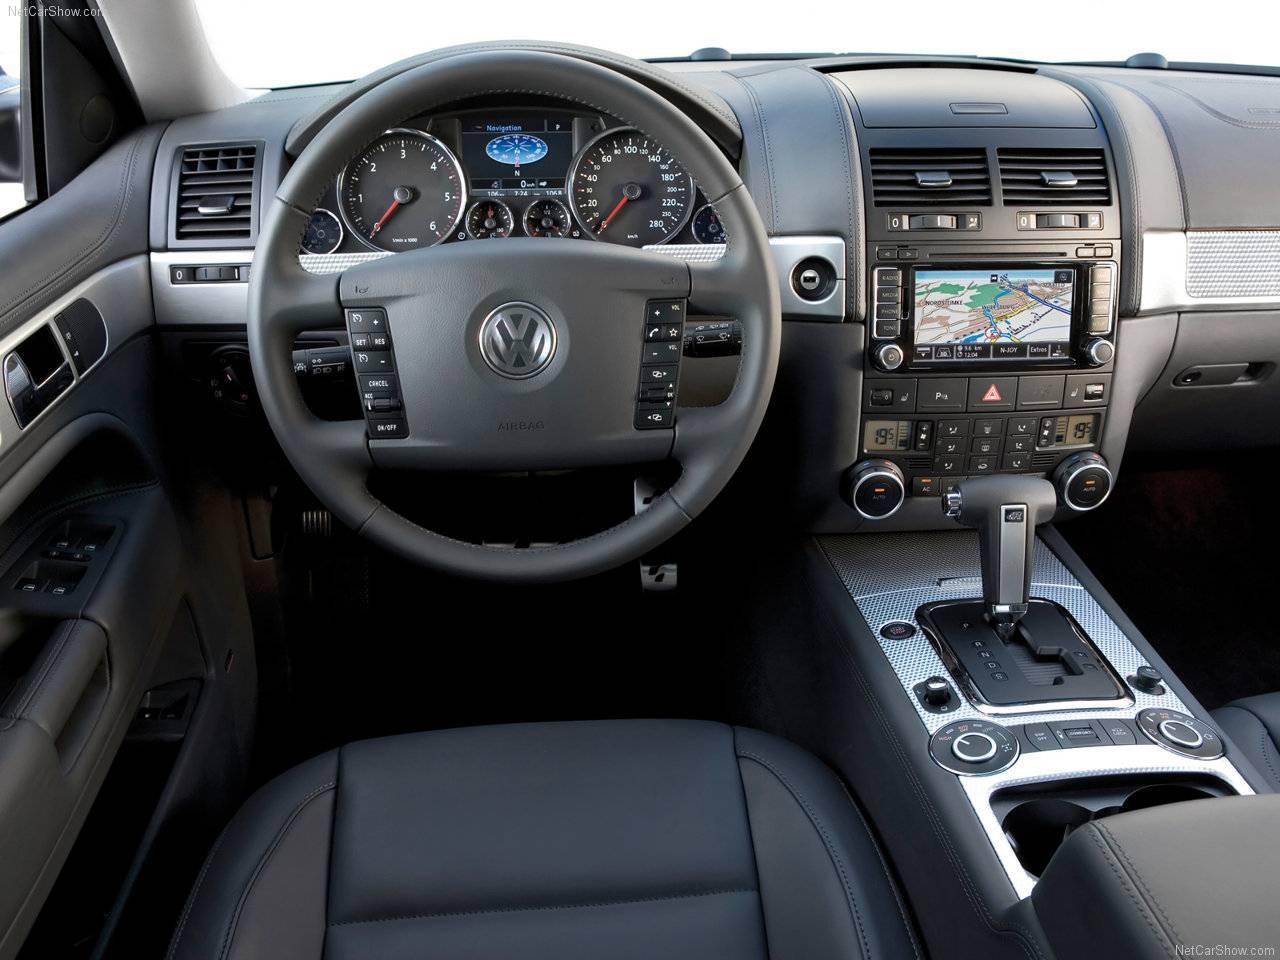 http://2.bp.blogspot.com/_lsyt_wQ2awY/TFFfVx6_LnI/AAAAAAACAFA/ISb0oi7RsgY/s1600/Volkswagen-Touareg_R50_2008_1280x960_wallpaper_08.jpg